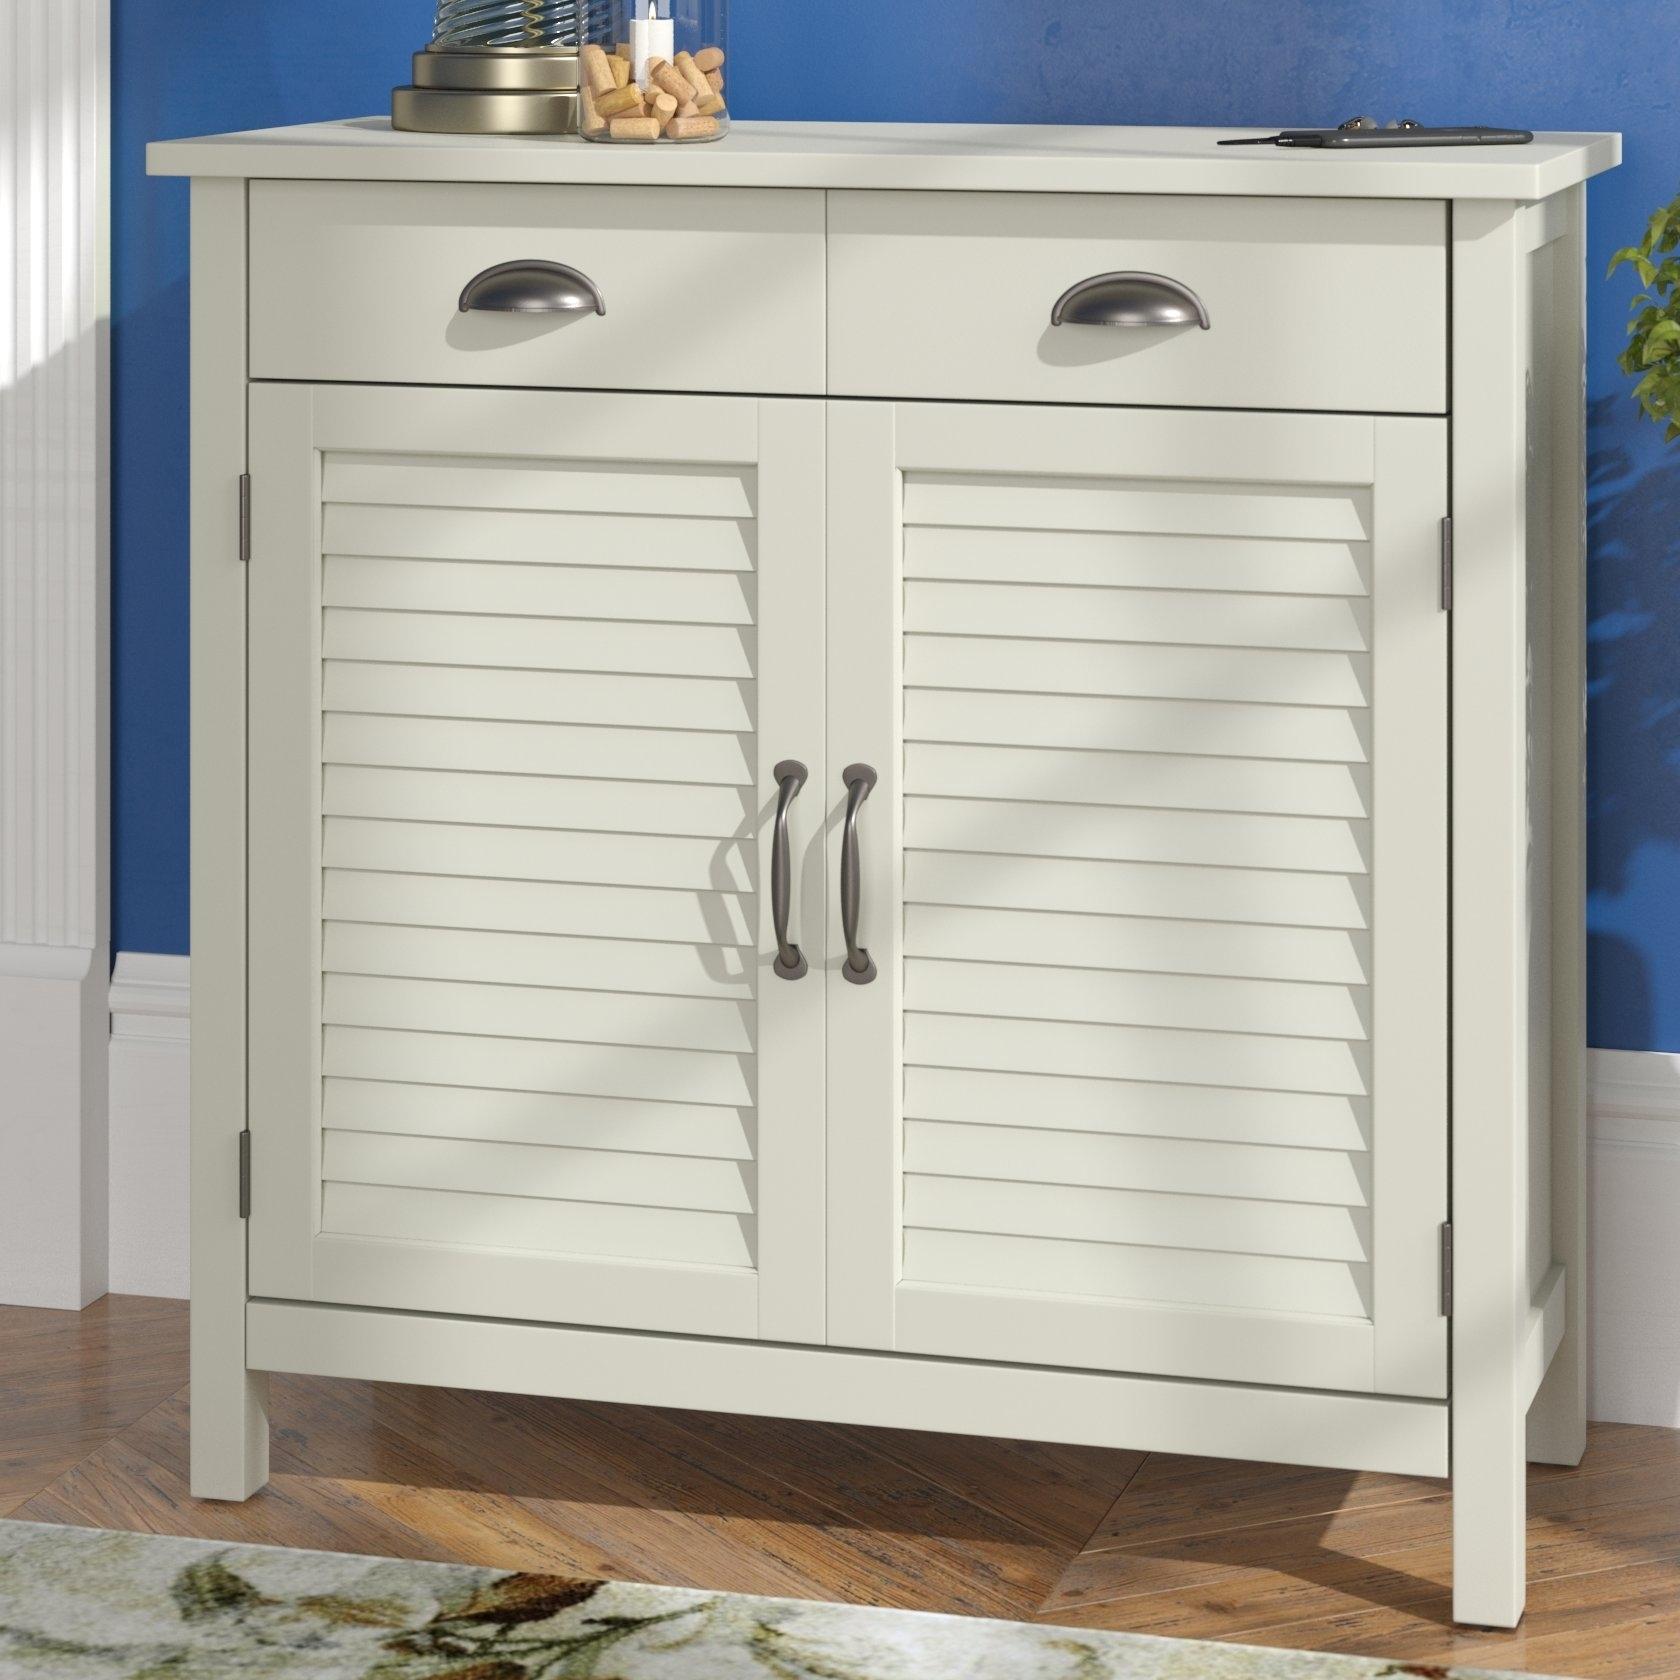 Dodge Wood 2 Door Accent Cabinet & Reviews   Joss & Main throughout Burn Tan Finish 2-Door Sideboards (Image 14 of 30)